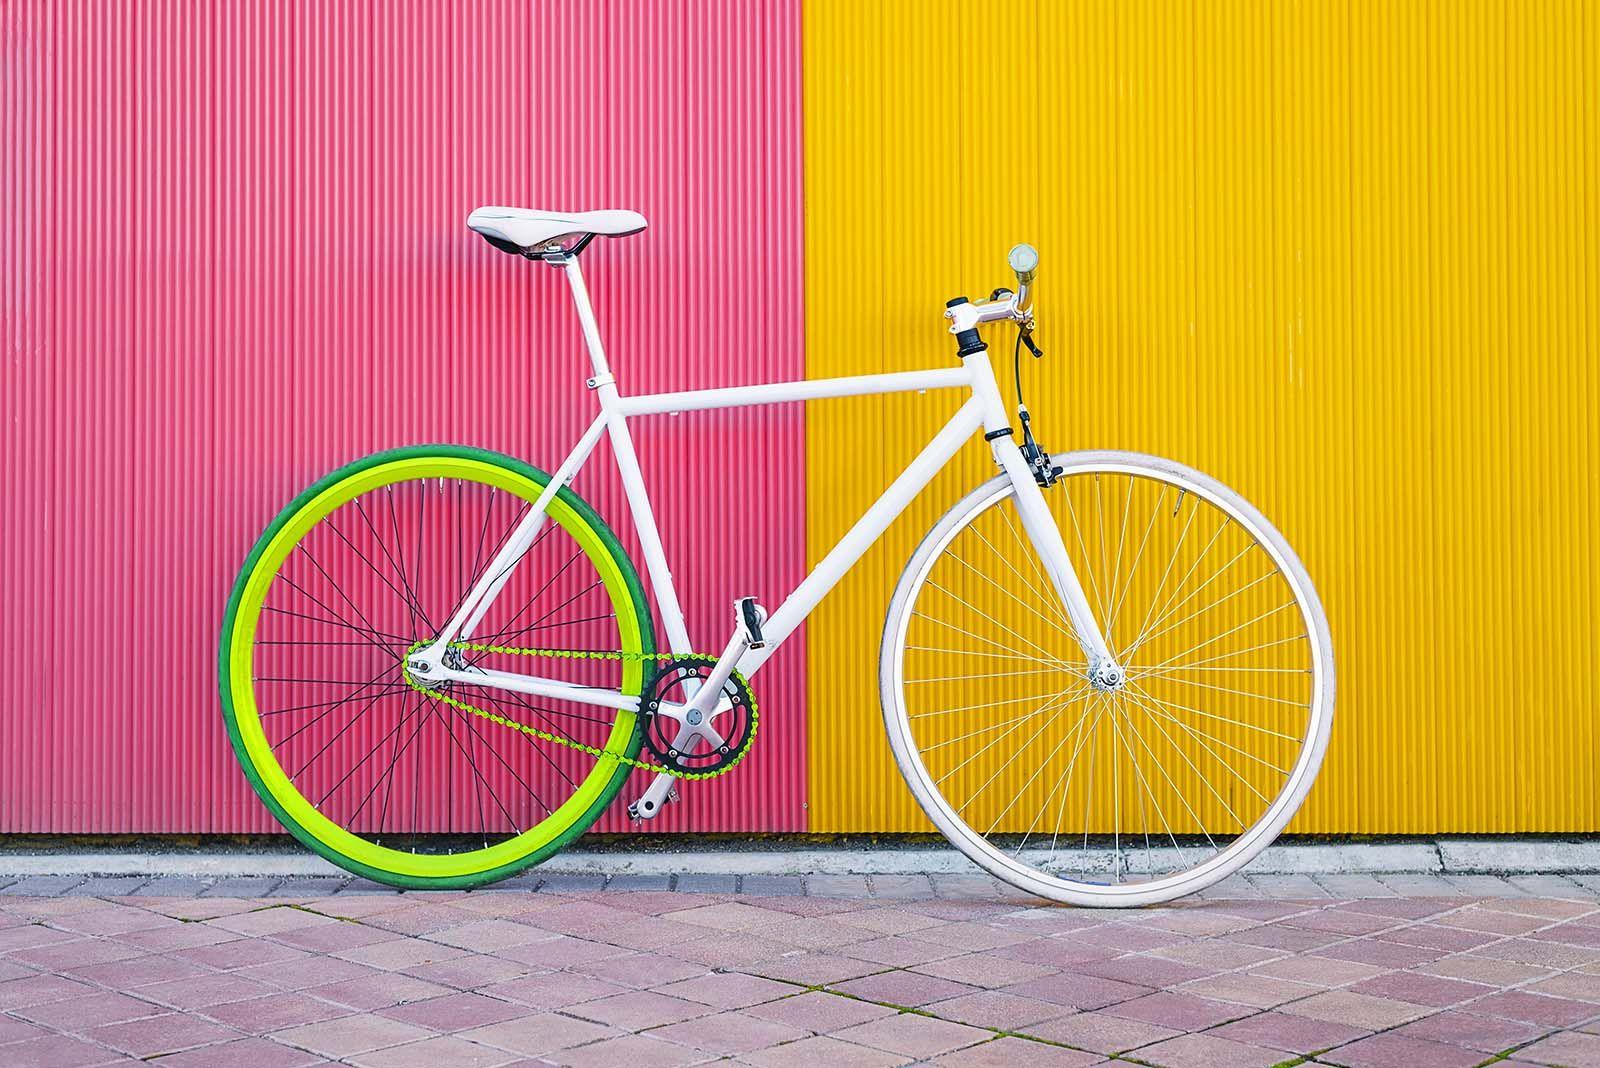 Las fixies son bicicletas sencillas que se caracterizan por utilizar un piñón fijo, de ahí su nombre. Este tipo de bicicletas son especialmente eficientes en ciudades con pocas pendientes y al ser máquinas simples requieren menos mantenimiento que otras bicicletas. El piñón fijo no es algo nuevo, previo a la aparición de los desviadores, todas …